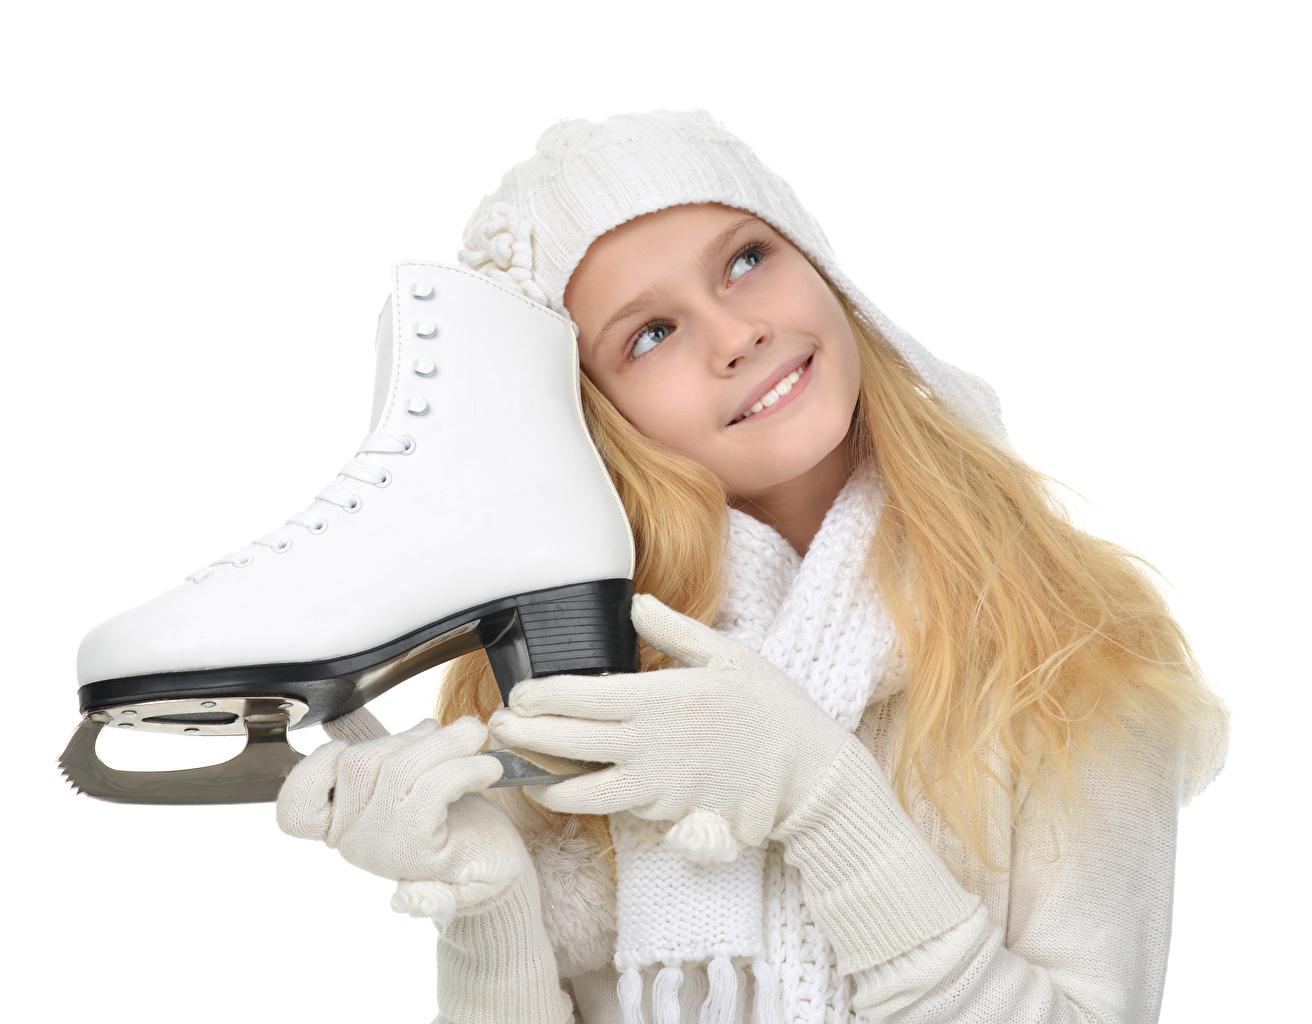 Фотографии Девочки Коньки Улыбка Перчатки Дети белым фоном девочка коньках перчатках улыбается ребёнок Белый фон белом фоне